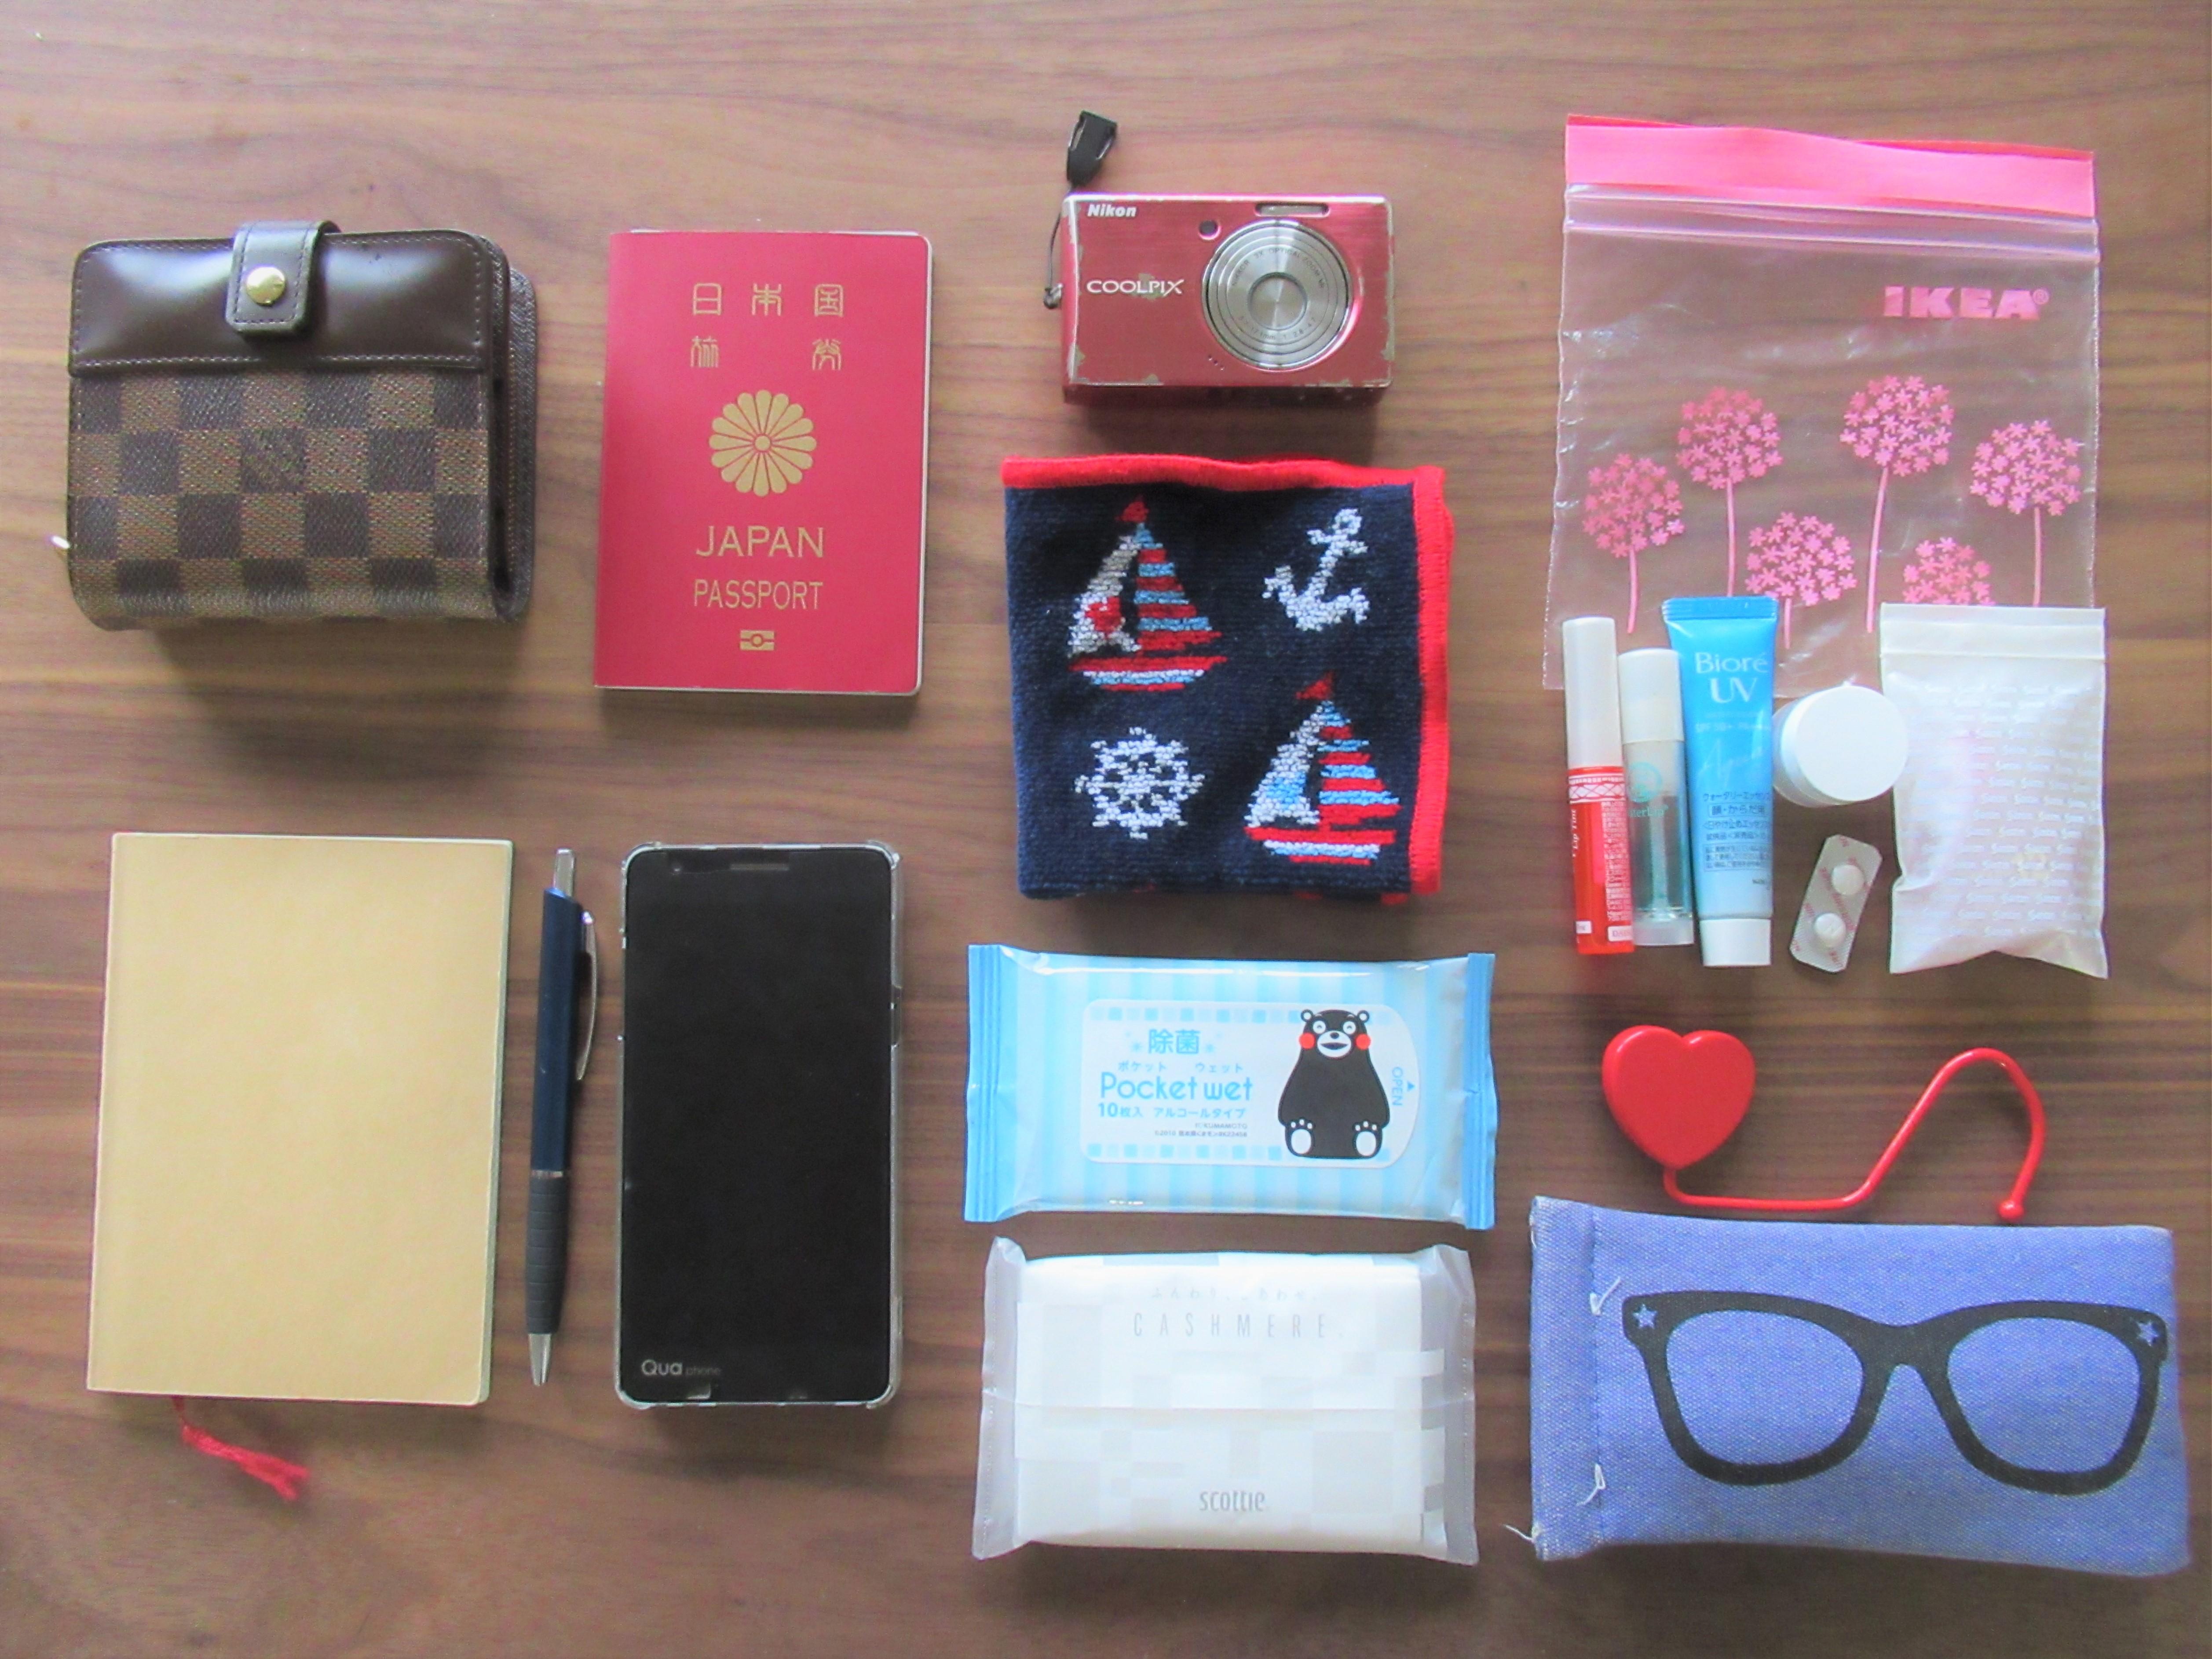 【韓国旅行の持ち物チェックリスト】いらない物は?荷物は少なくても必要な物!|韓国ブログ旅